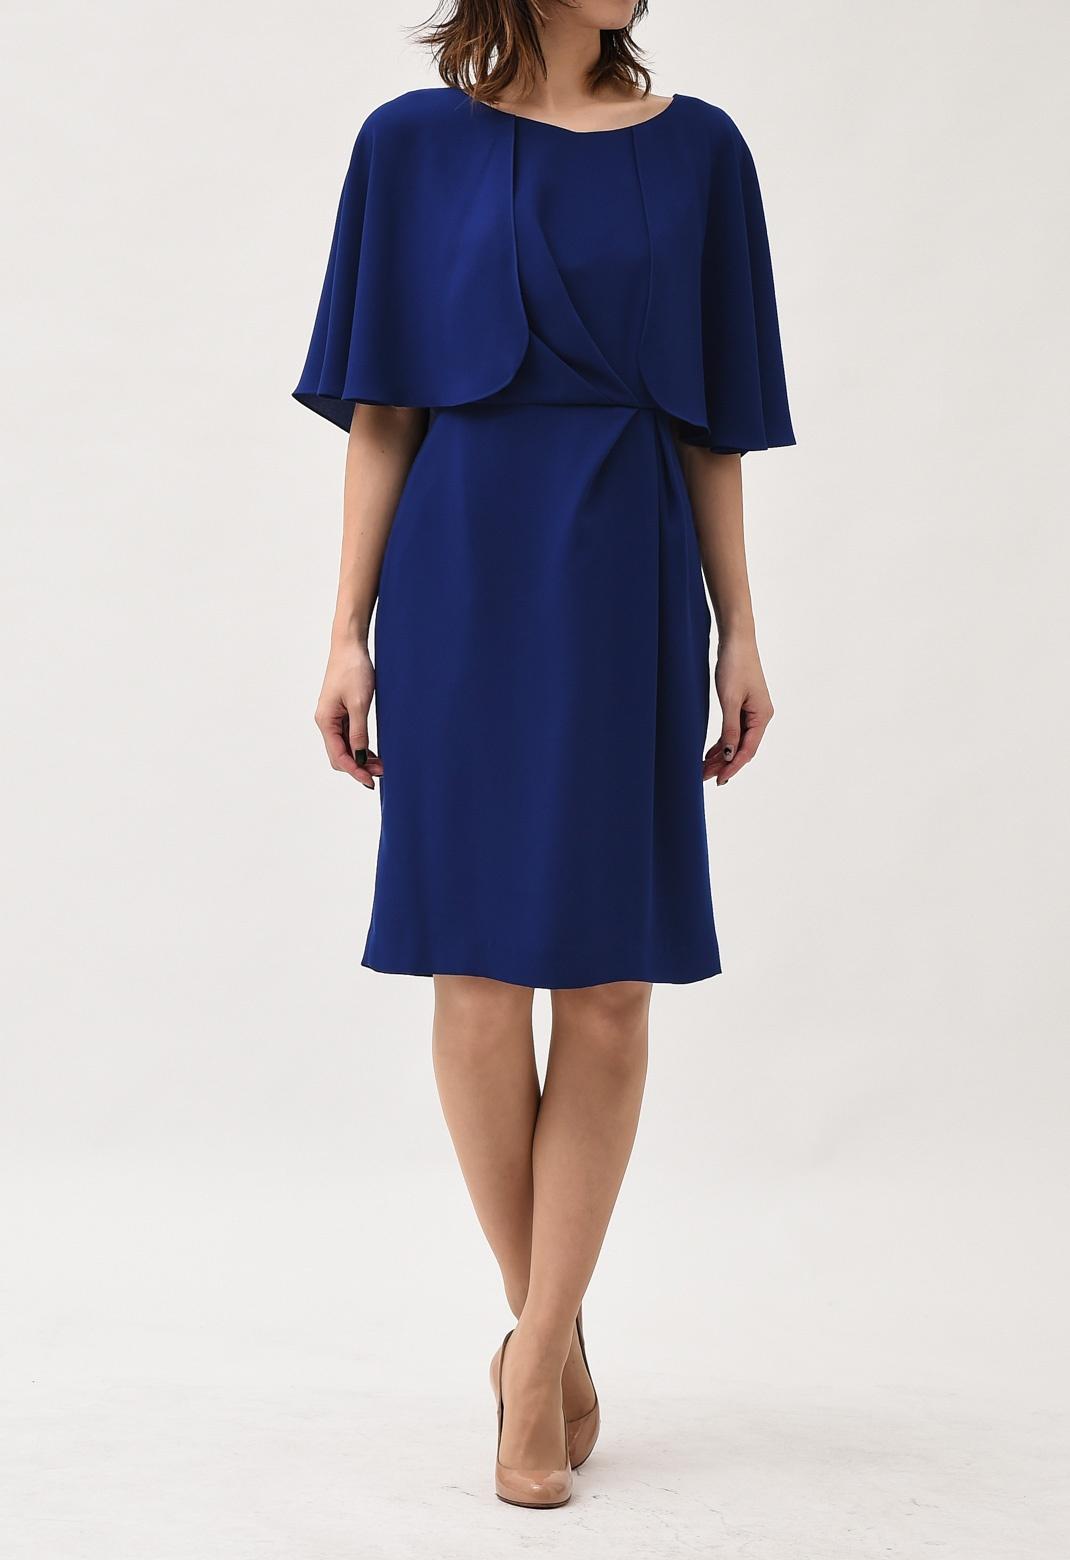 ケープ風 フロントドレープ 半袖ドレス